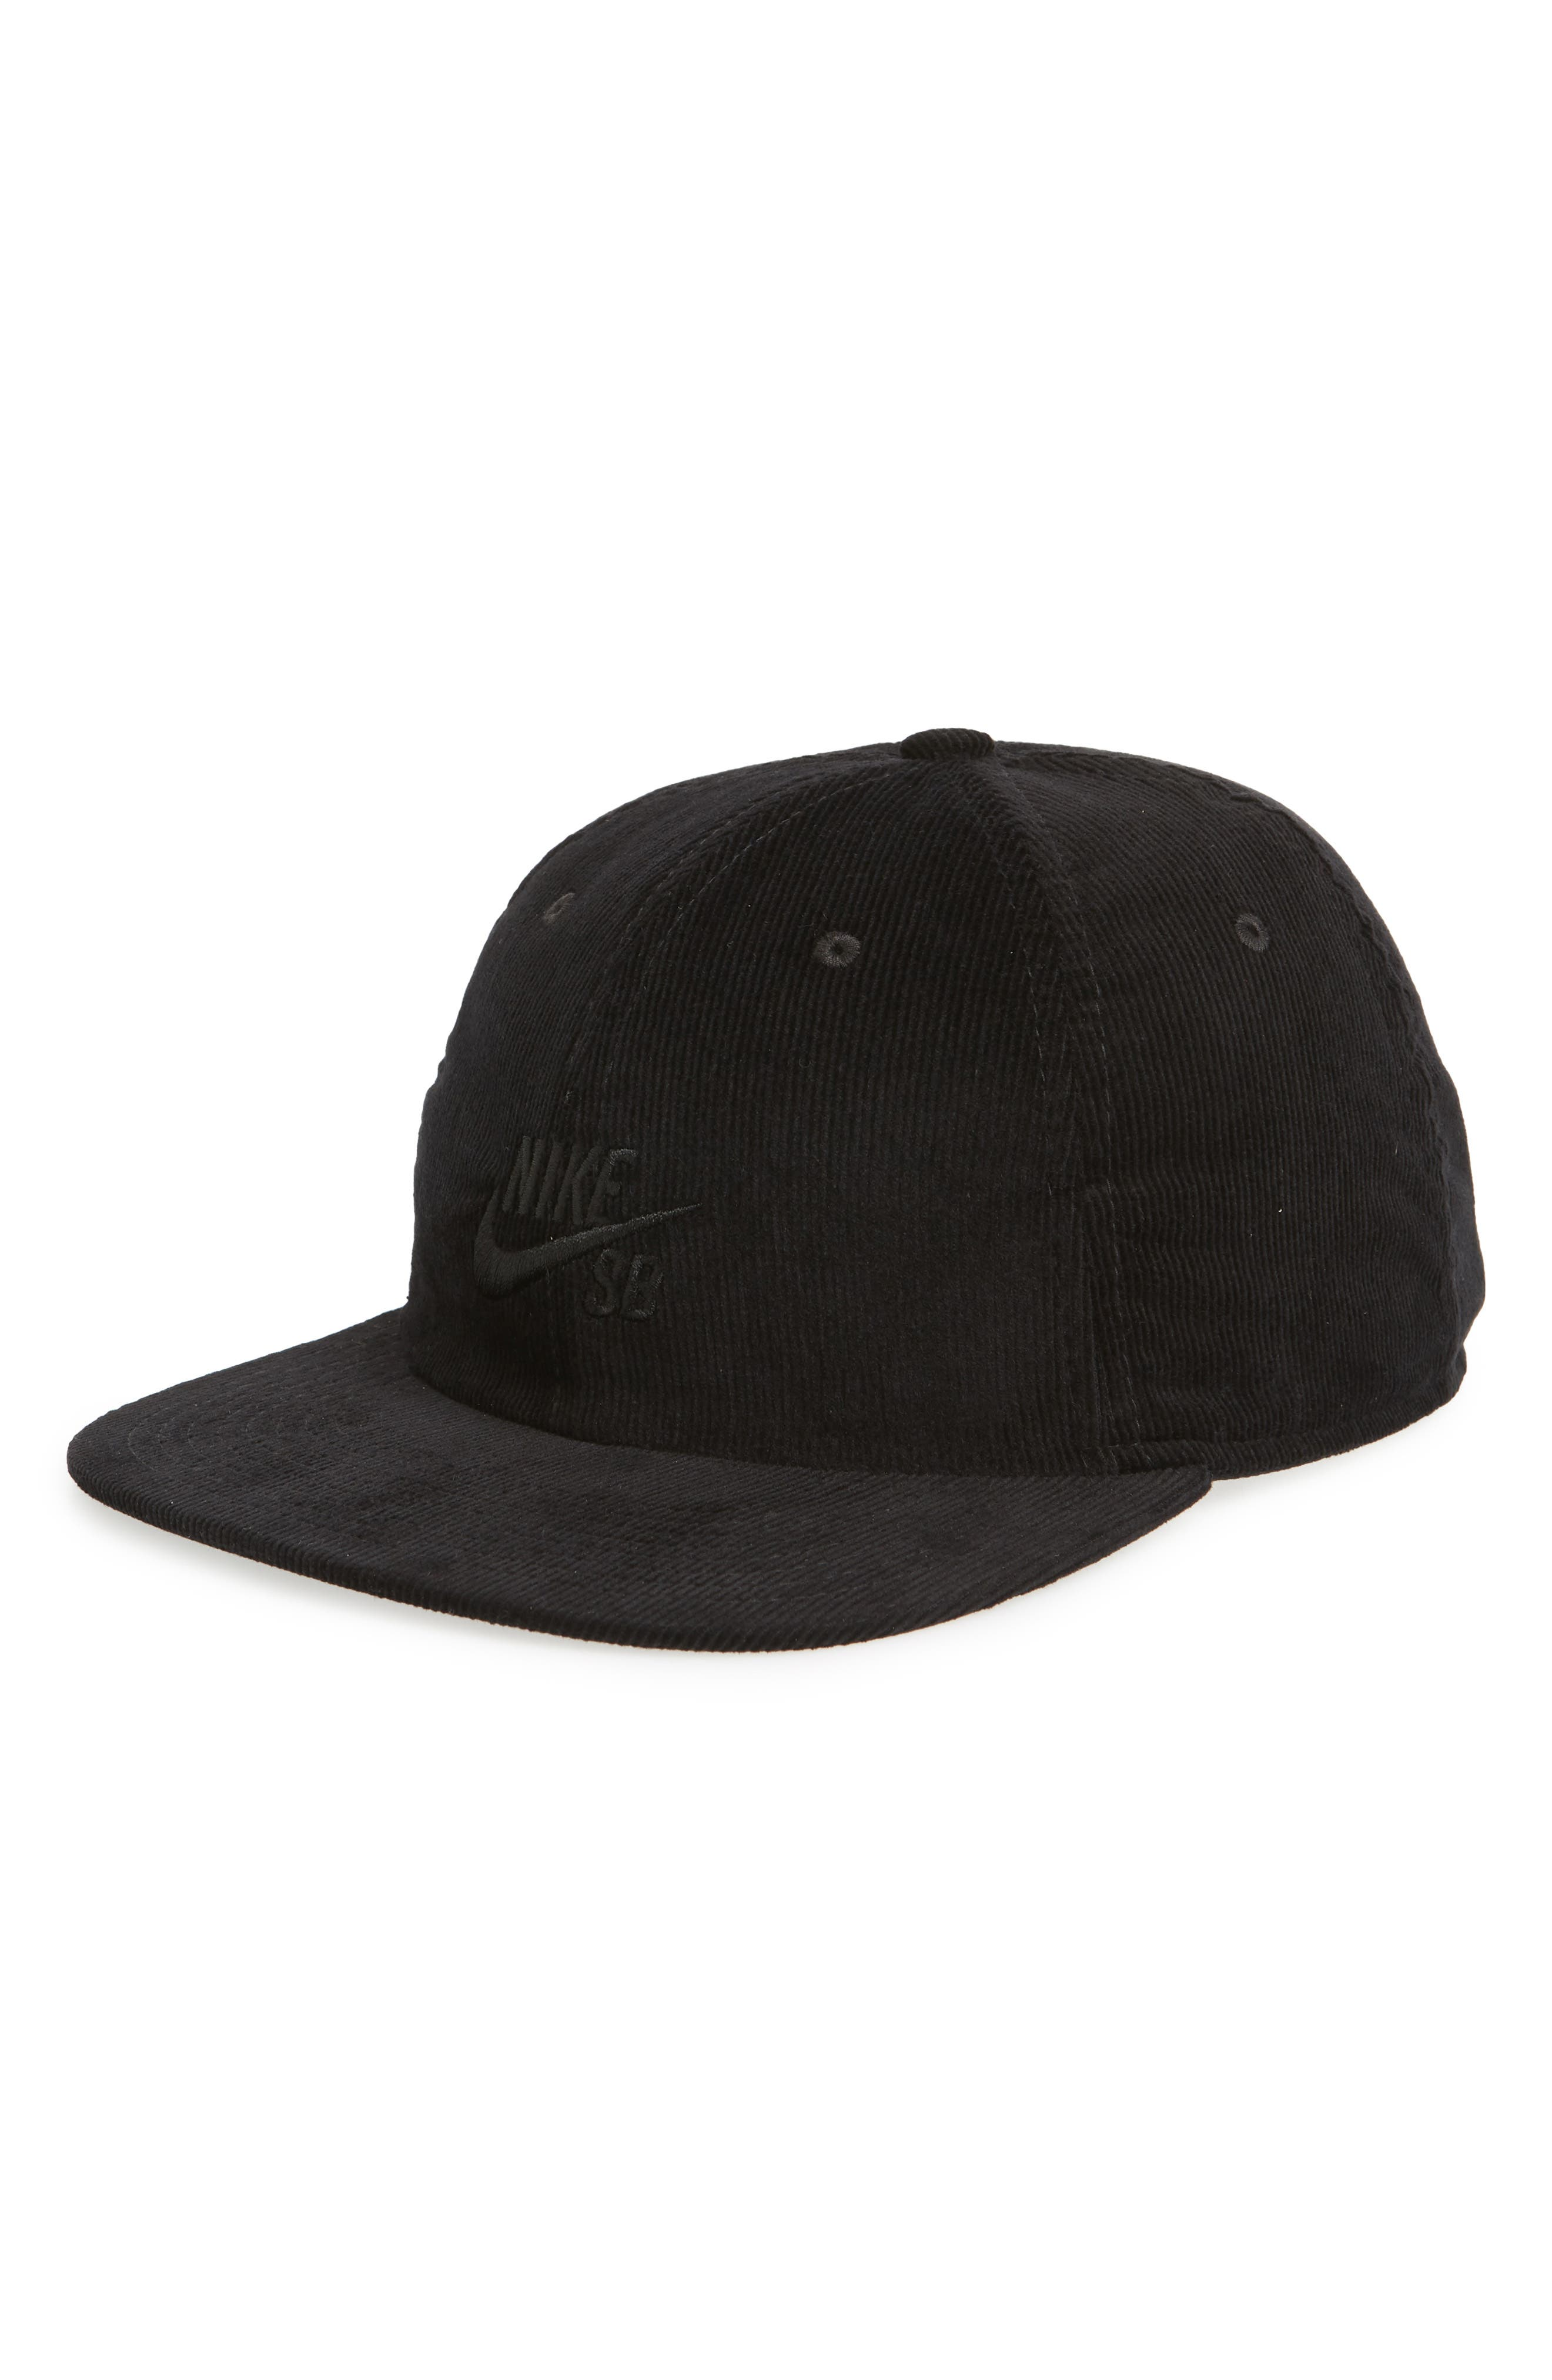 NIKE SB,                             H86 Flatbill Baseball Cap,                             Main thumbnail 1, color,                             BLACK/ BLACK